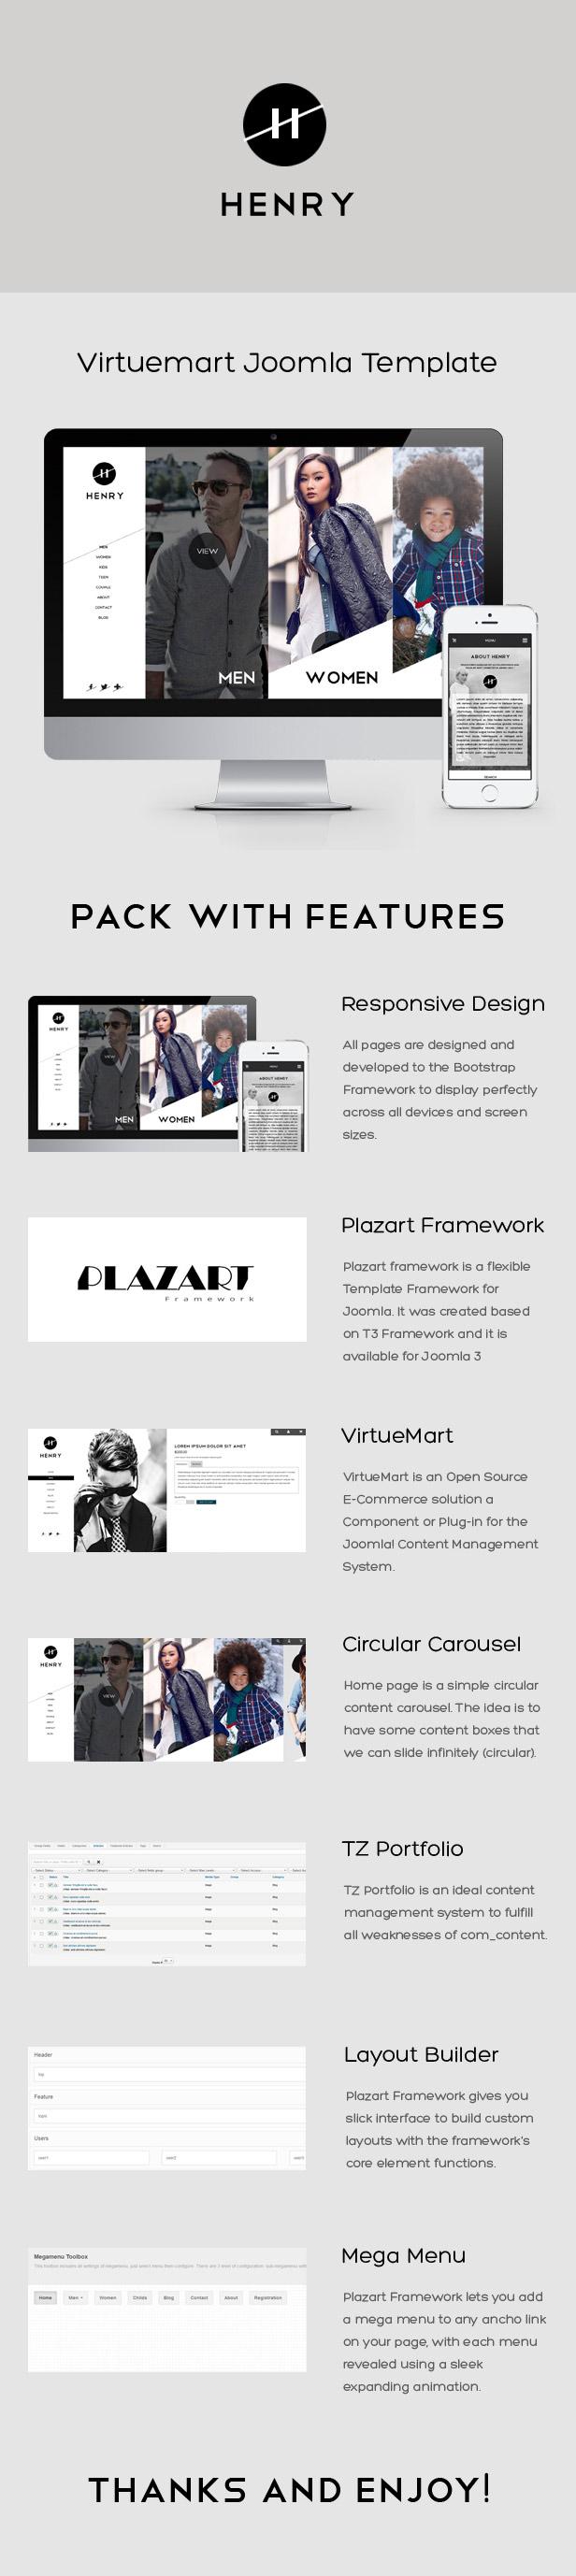 Henry - VirtueMart Joomla Template - 2